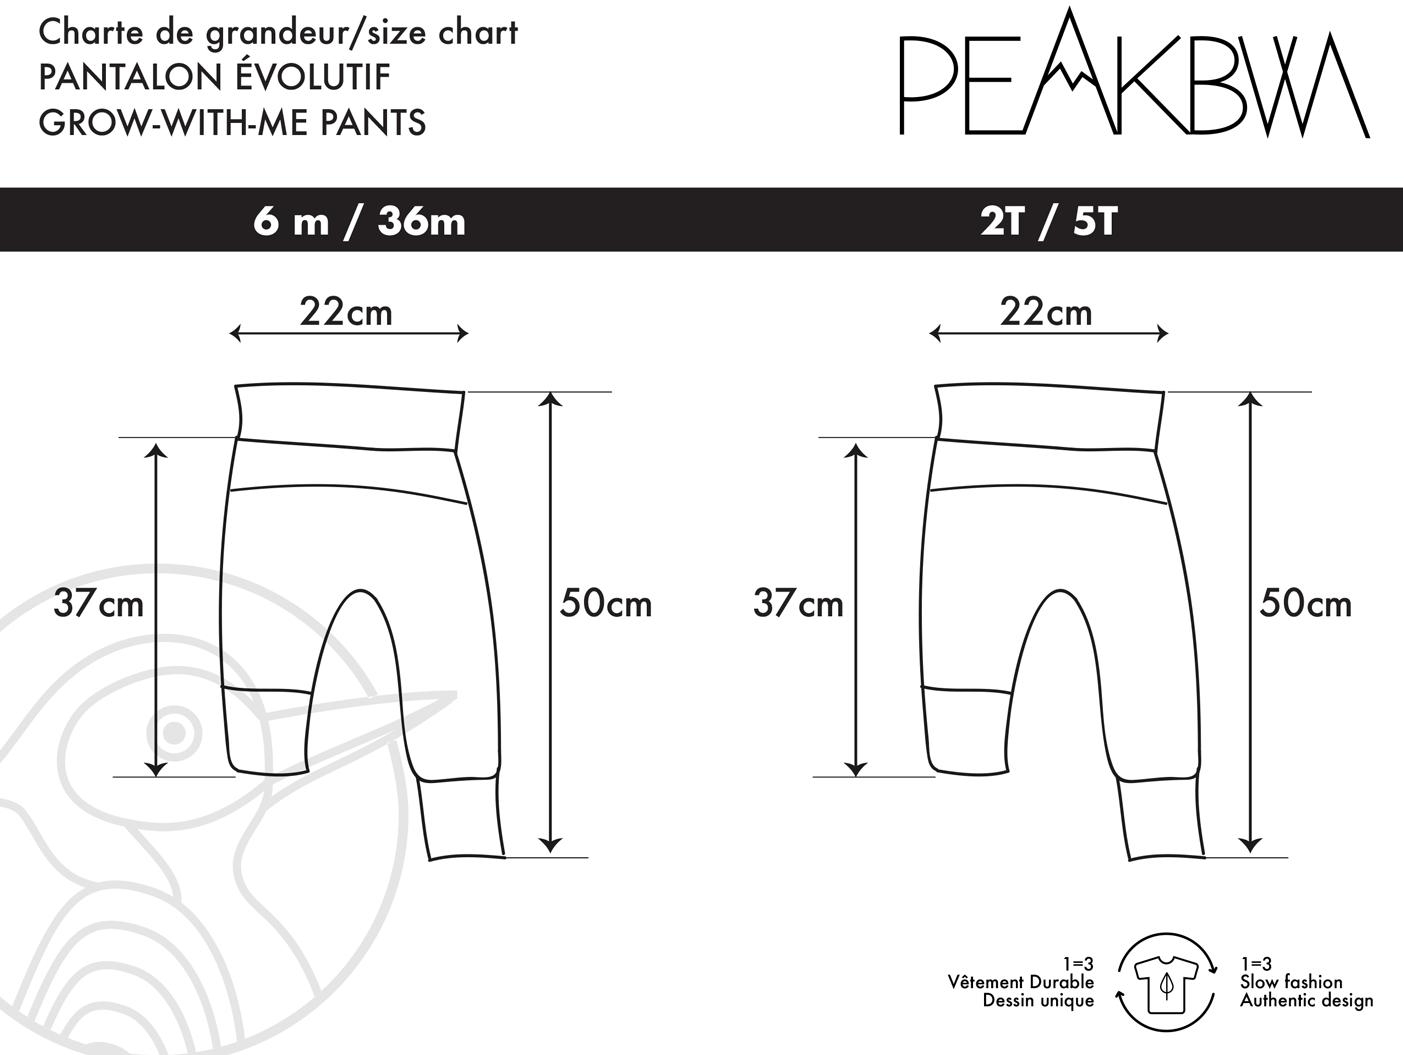 PEAKBWA_Grandeur_Pantalon